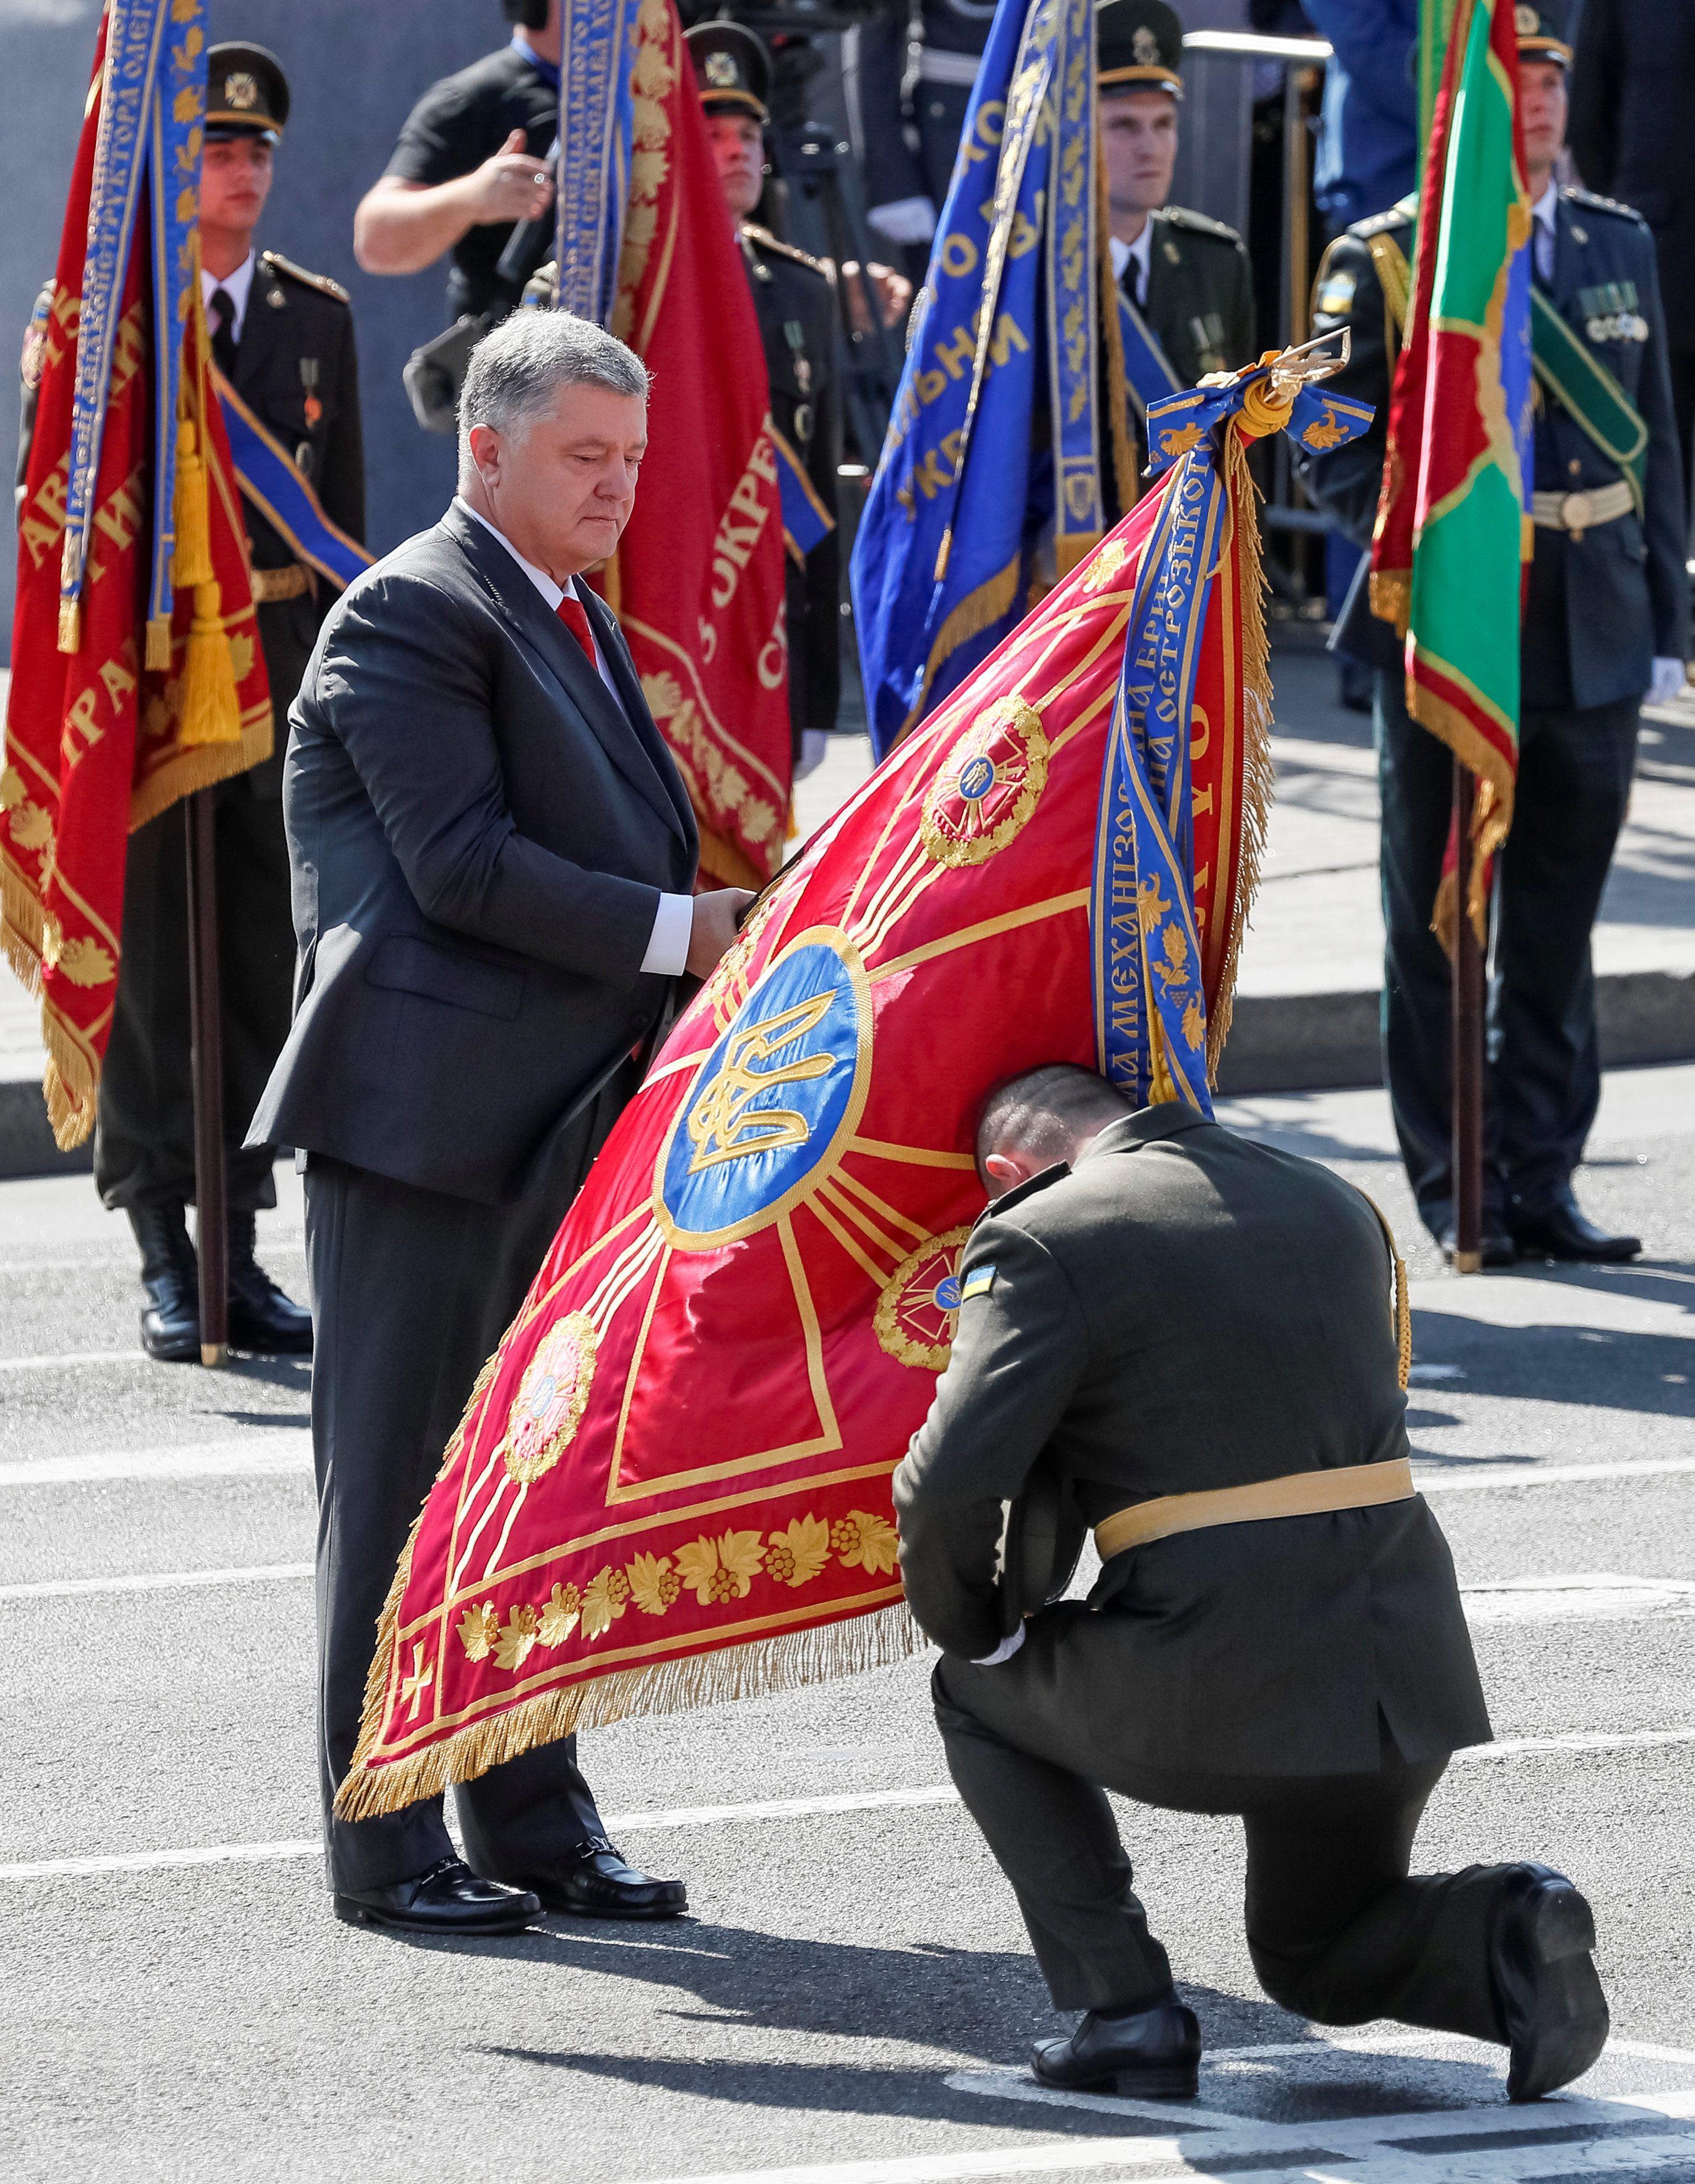 День Незалежності, Петро Порошенко, передача бойових стягів, прапорів